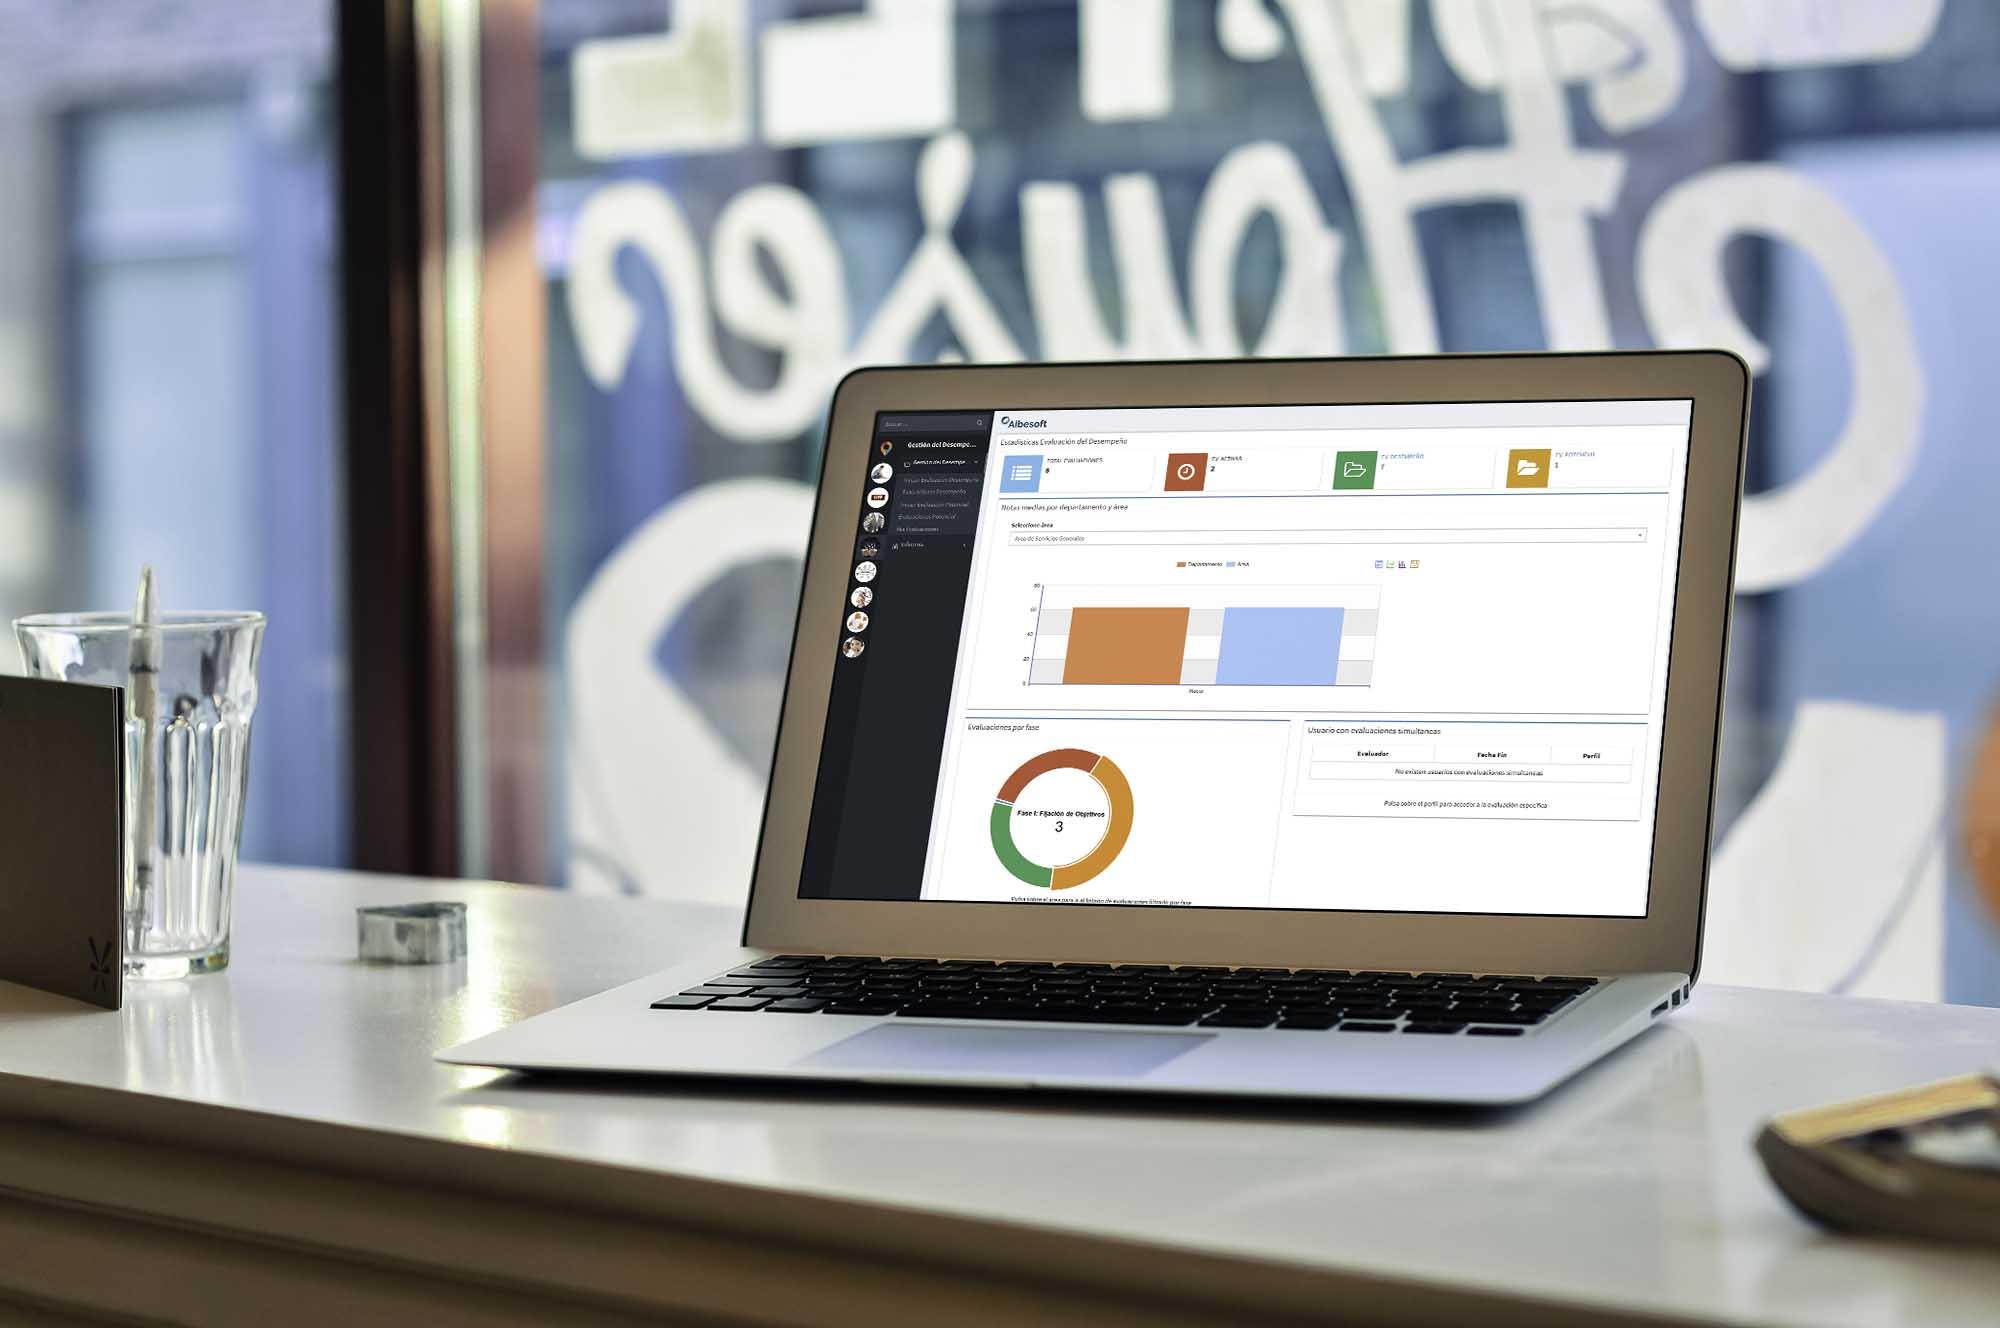 http://www.aibesoft.es/wp-content/uploads/2018/10/Imagen-Cabecera-Web-portatil-escaparate.jpg